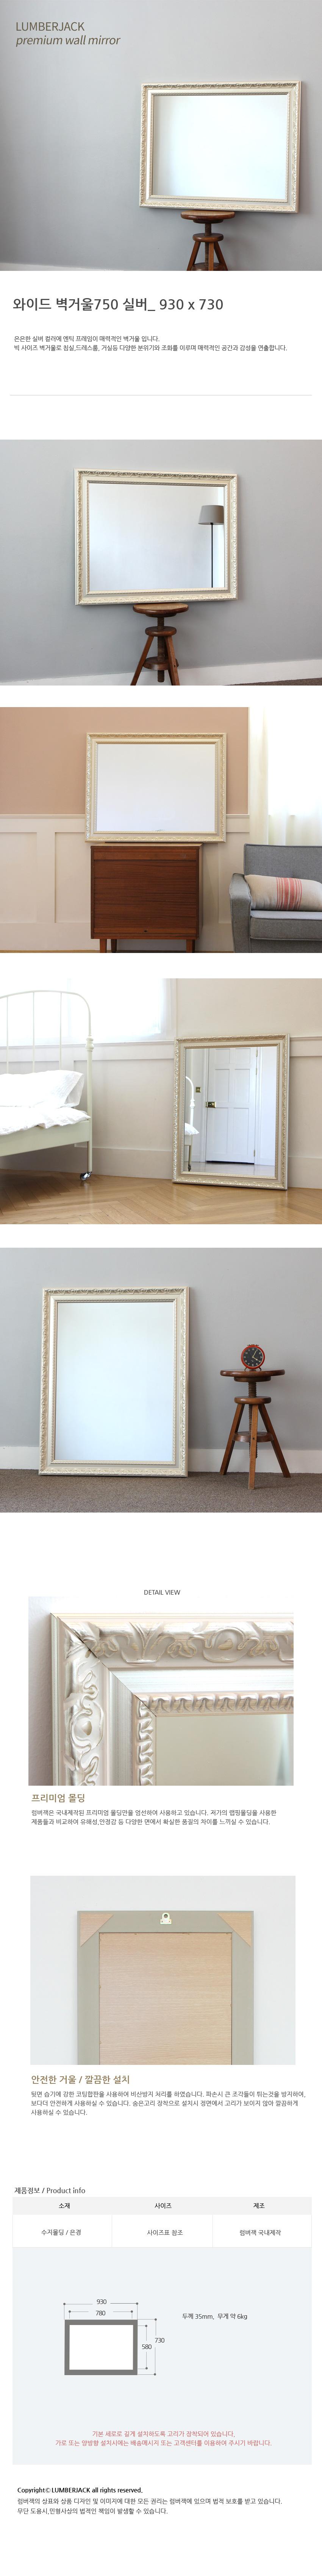 와이드벽거울 750실버-930x730 - 럼버잭, 44,000원, 거울, 벽걸이거울